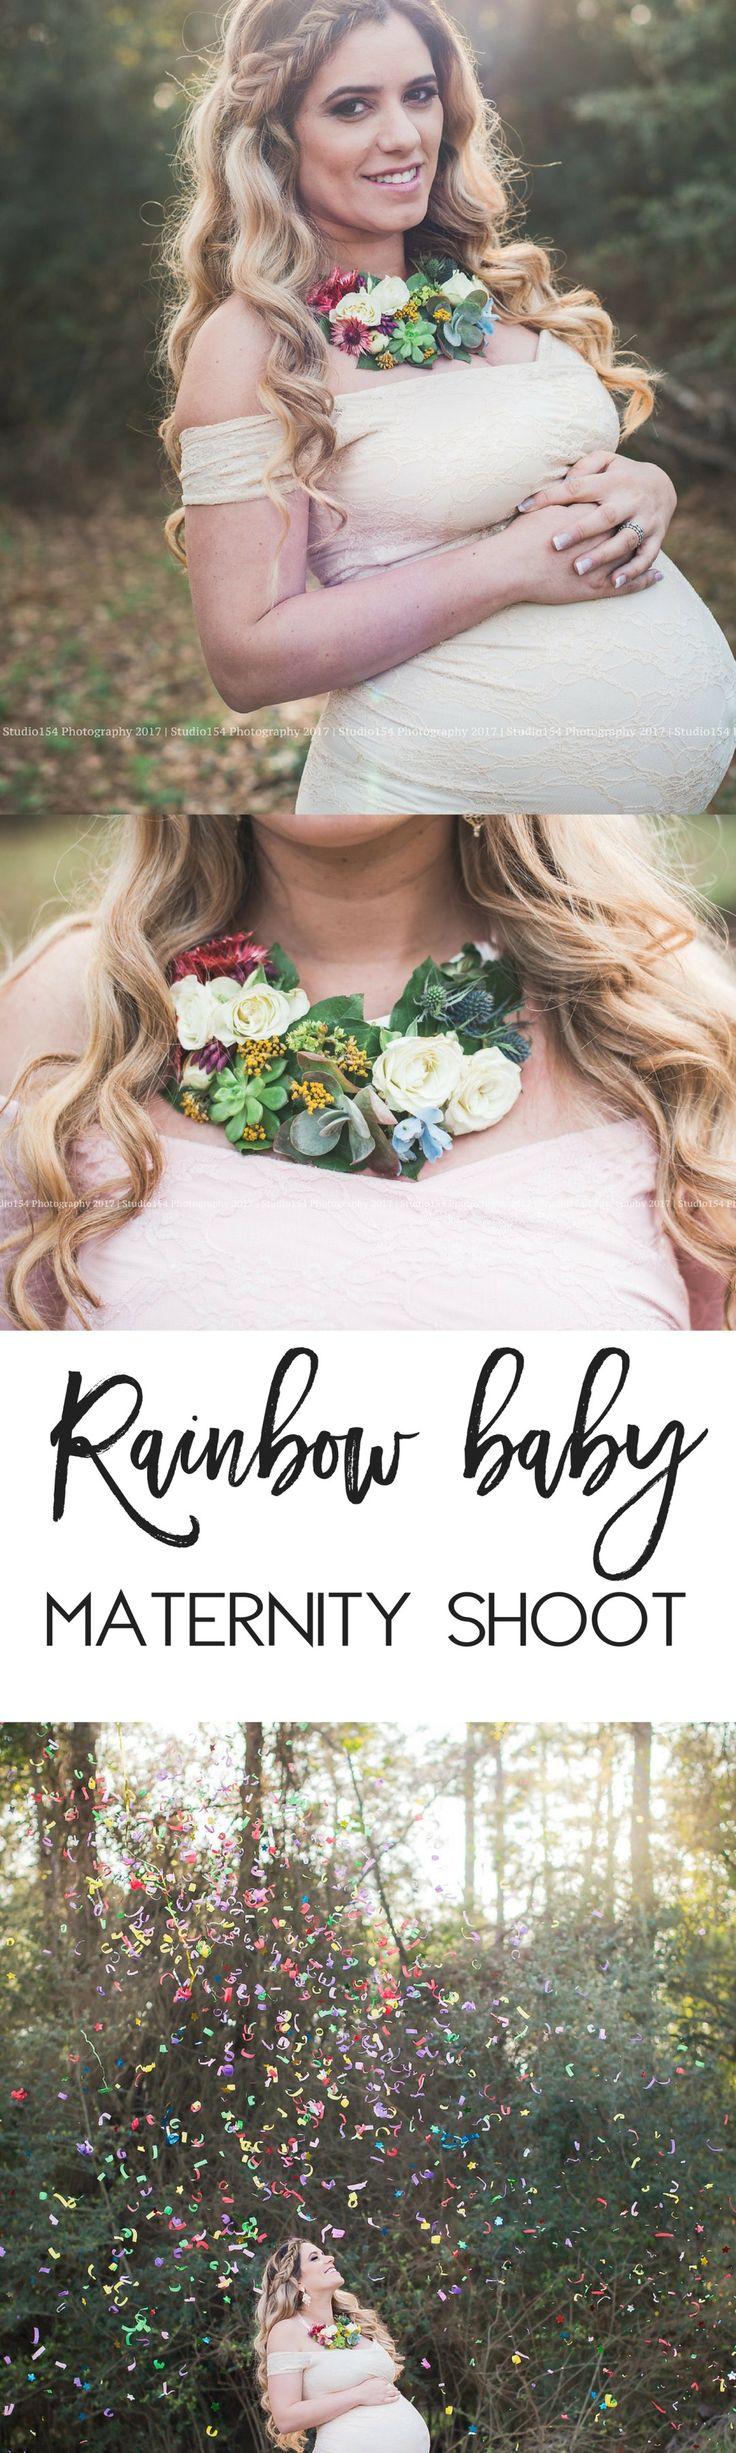 Rainbow baby maternity shoot